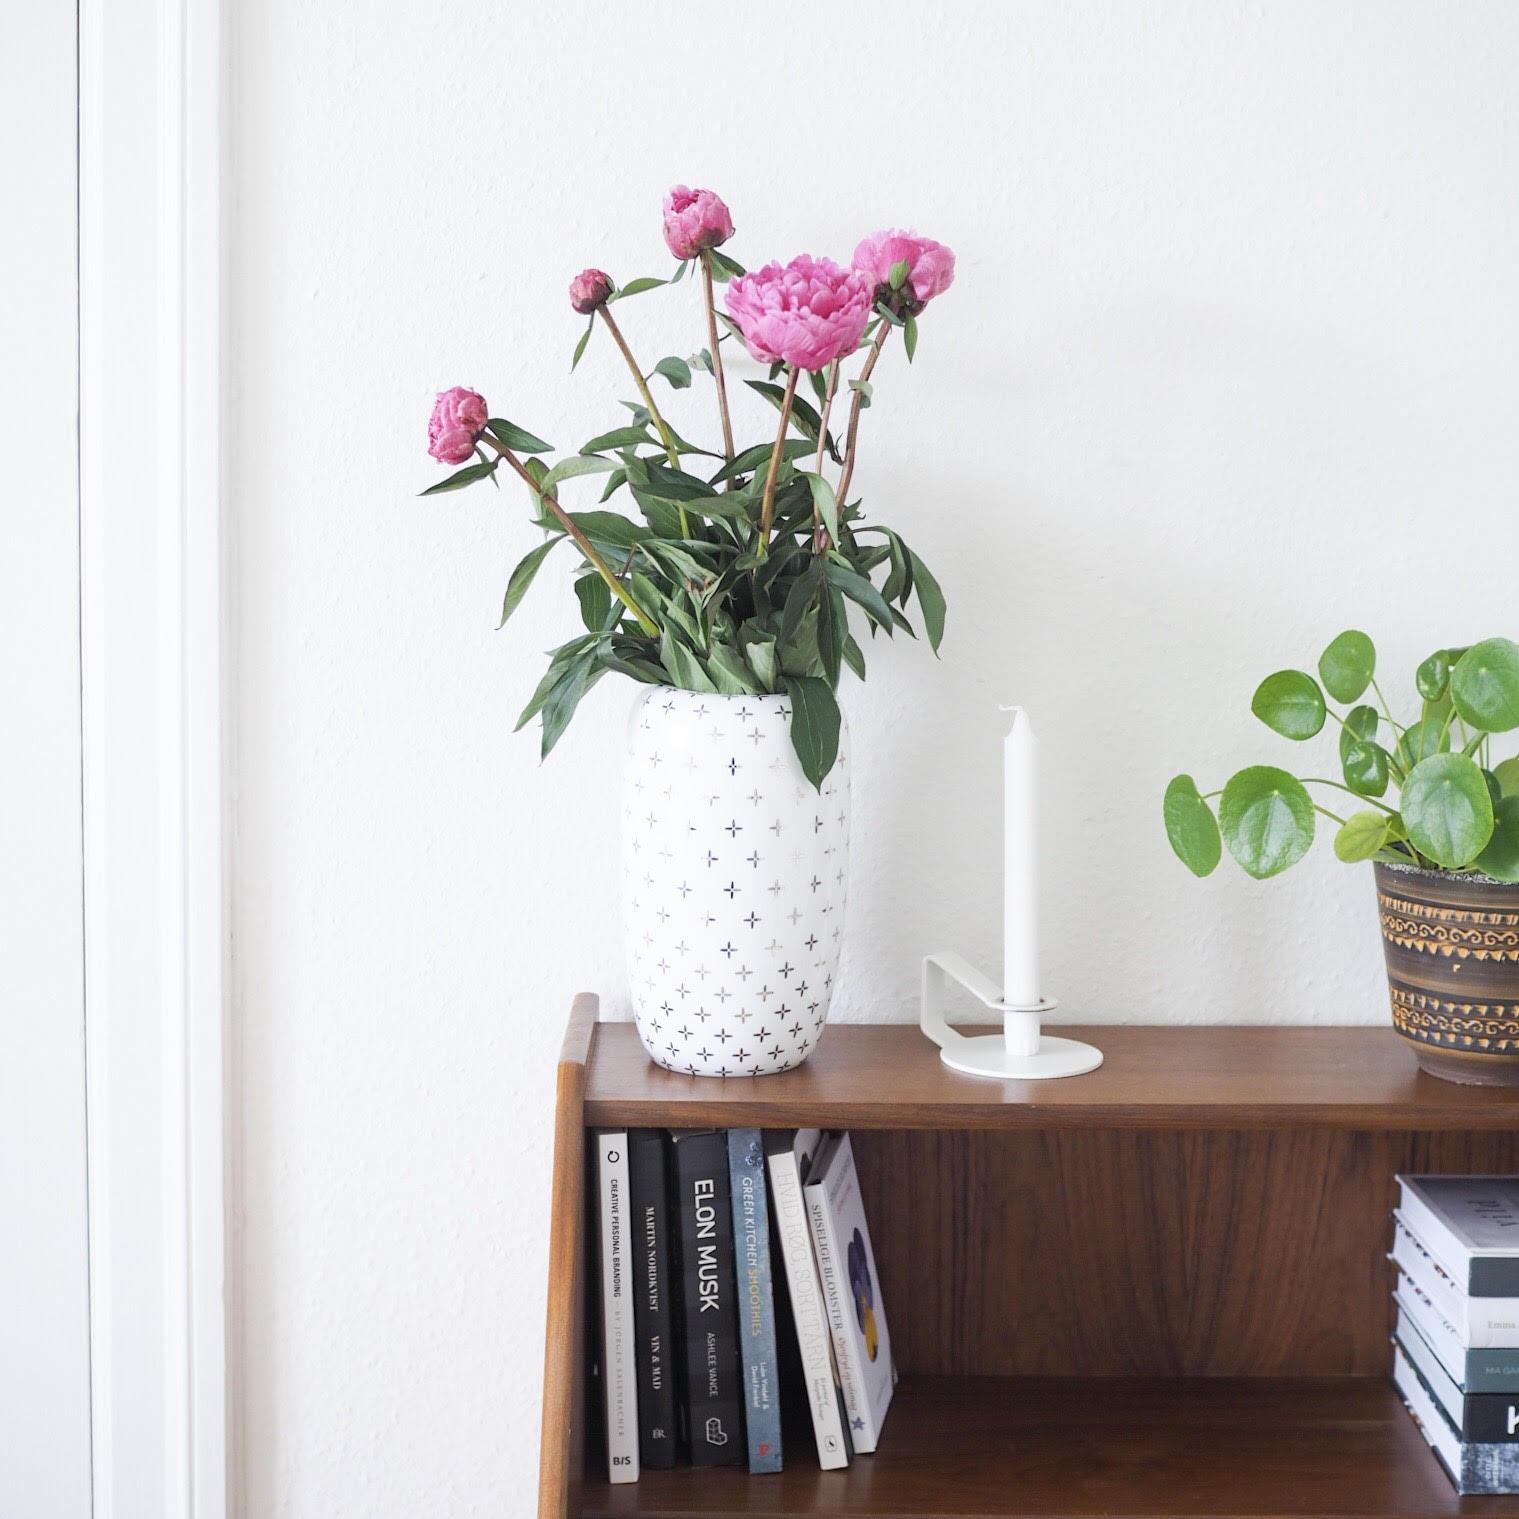 Vase fra Lene Bjerre og kommode samt planter. Minimalistisk livsstil med grøn indretning